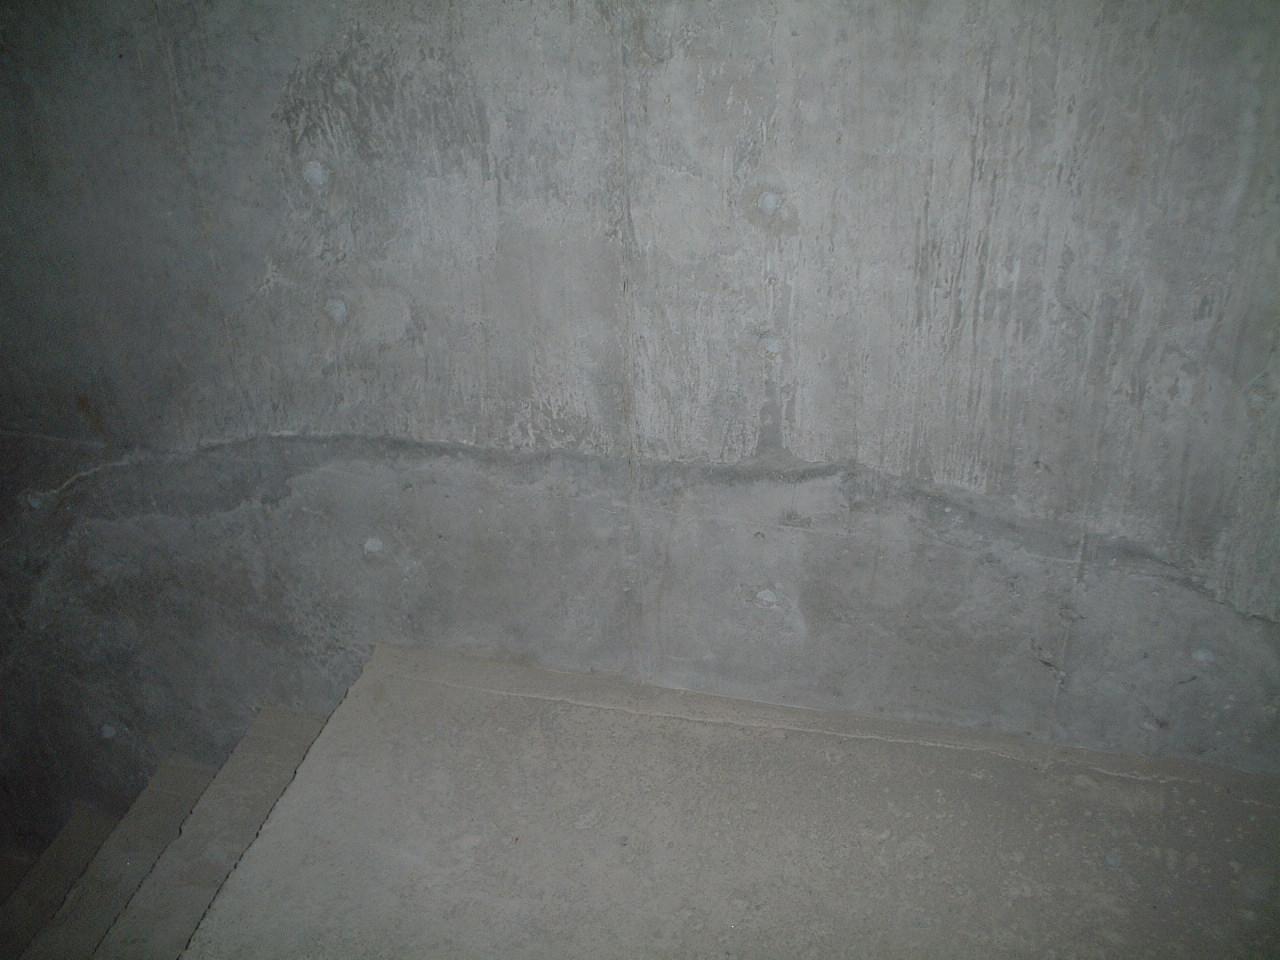 施工不良によるコンクリートのひび割れ等の欠陥とは